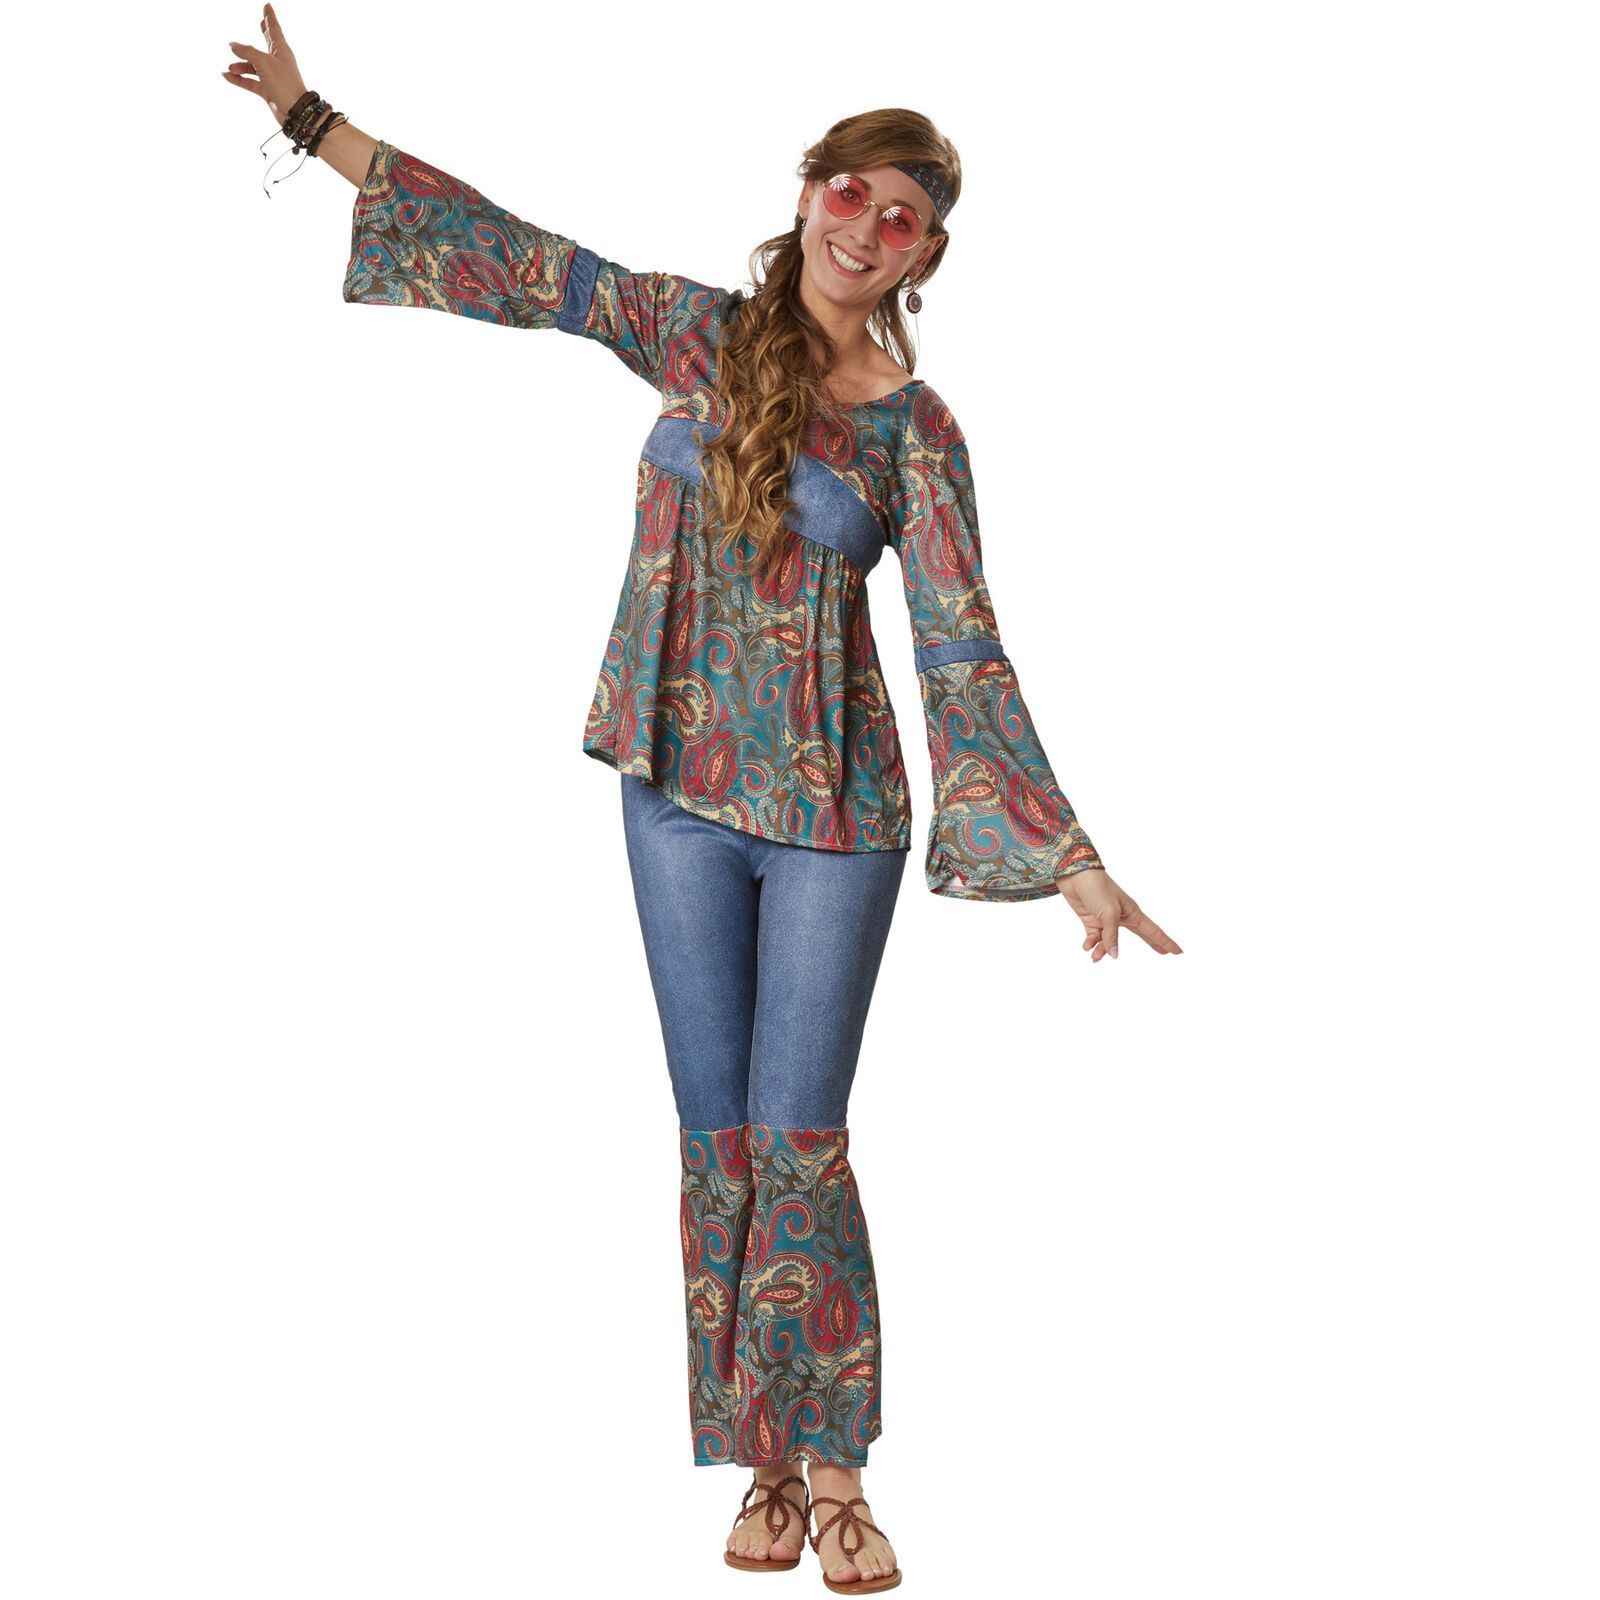 Top Damen Hippie Retro Kostüm 60er 70er Jahre Pop Disco: Kostüm Damen Hippie Boho Girl 60er 70er Flower